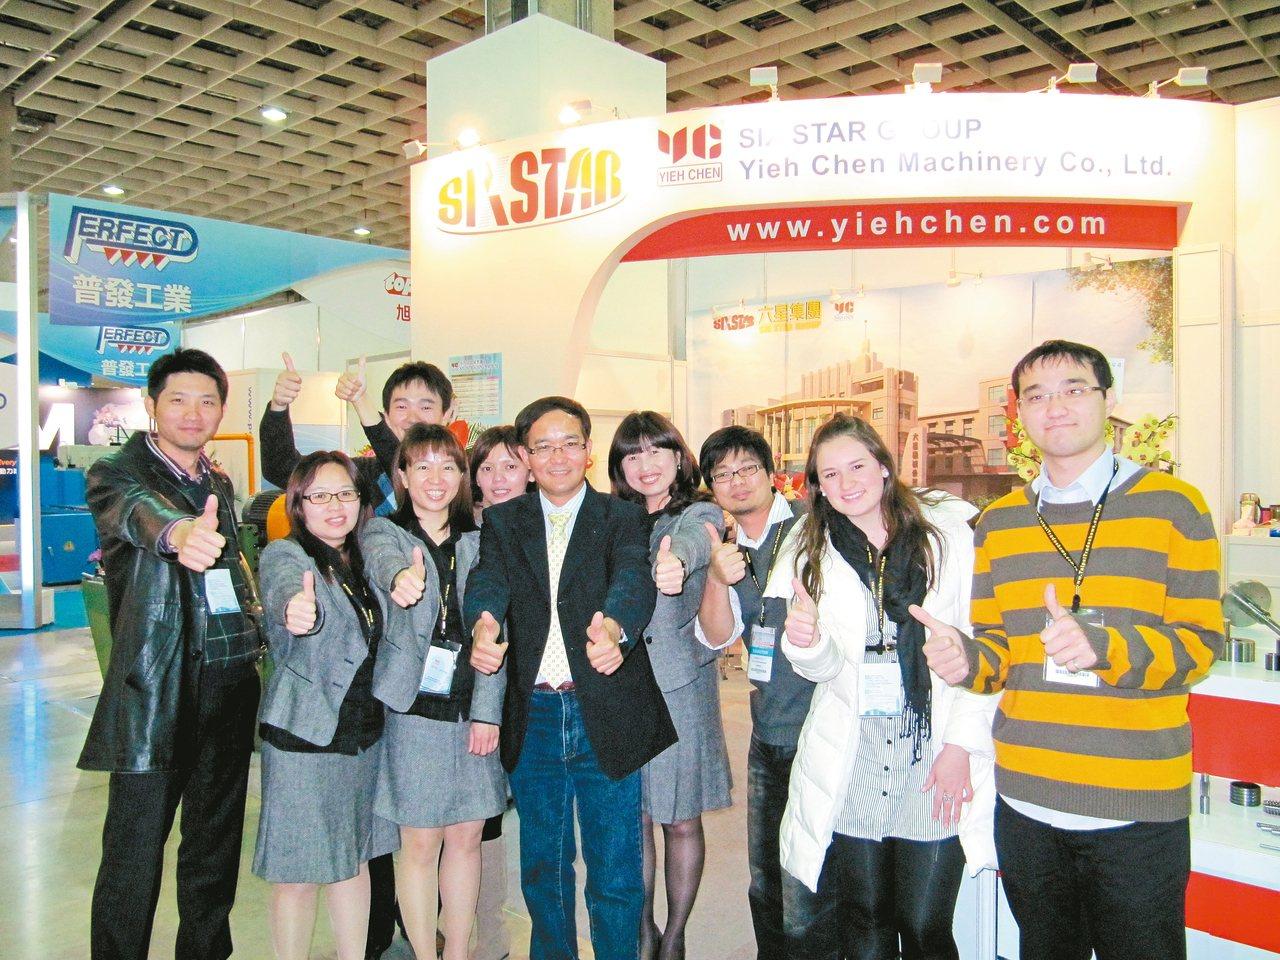 六星集團董事長特助黃呈豐(左)、羿晨機械總經理黃進霖(中)與行銷團隊。 六星集團...